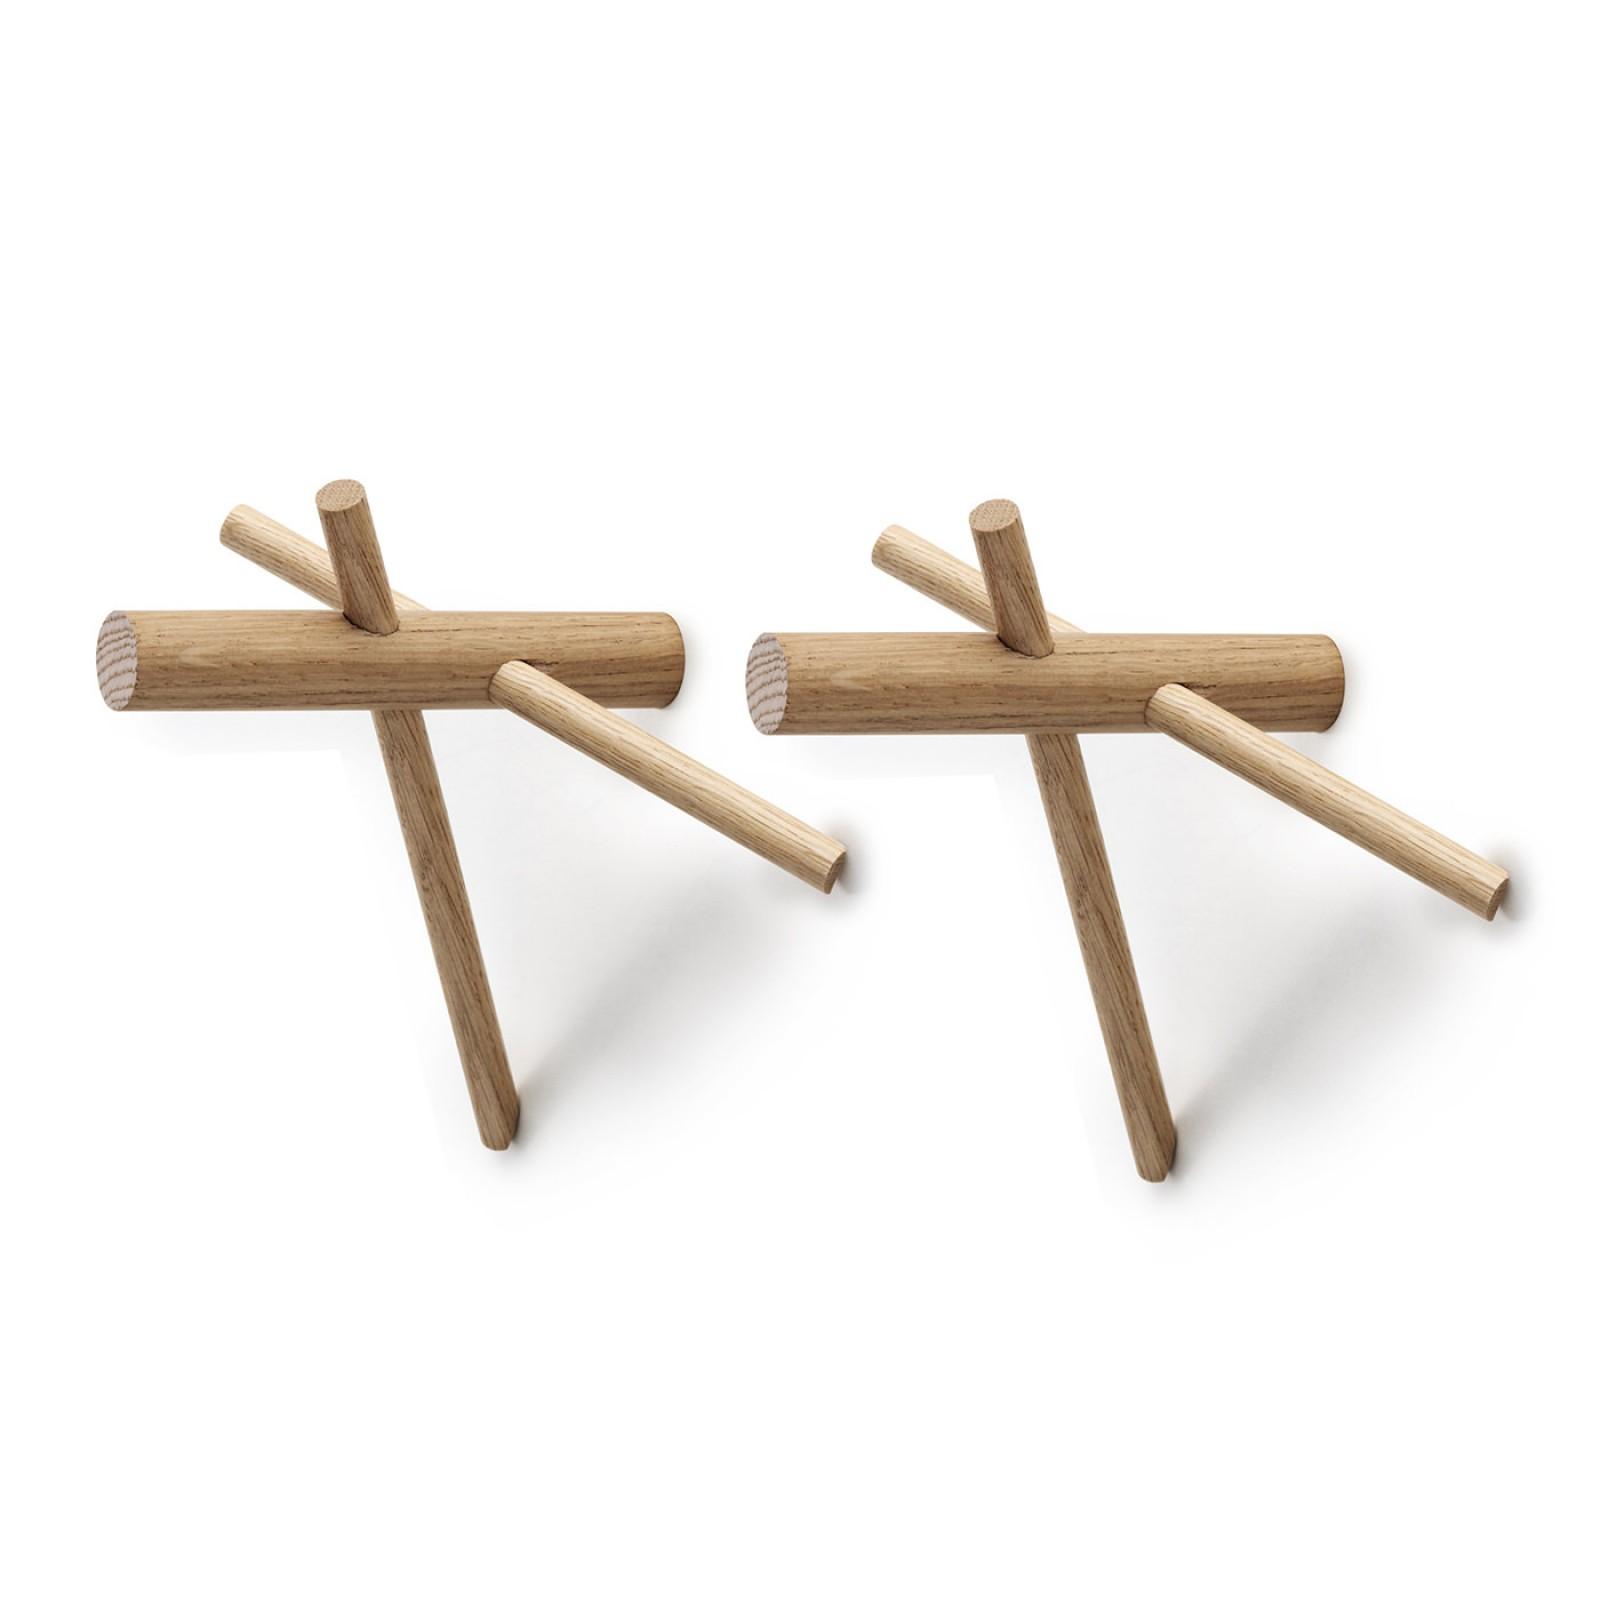 Κρεμάστρες Τοίχου Sticks Φυσικό Ξύλο (Σετ των 2) - Normann Copenhagen